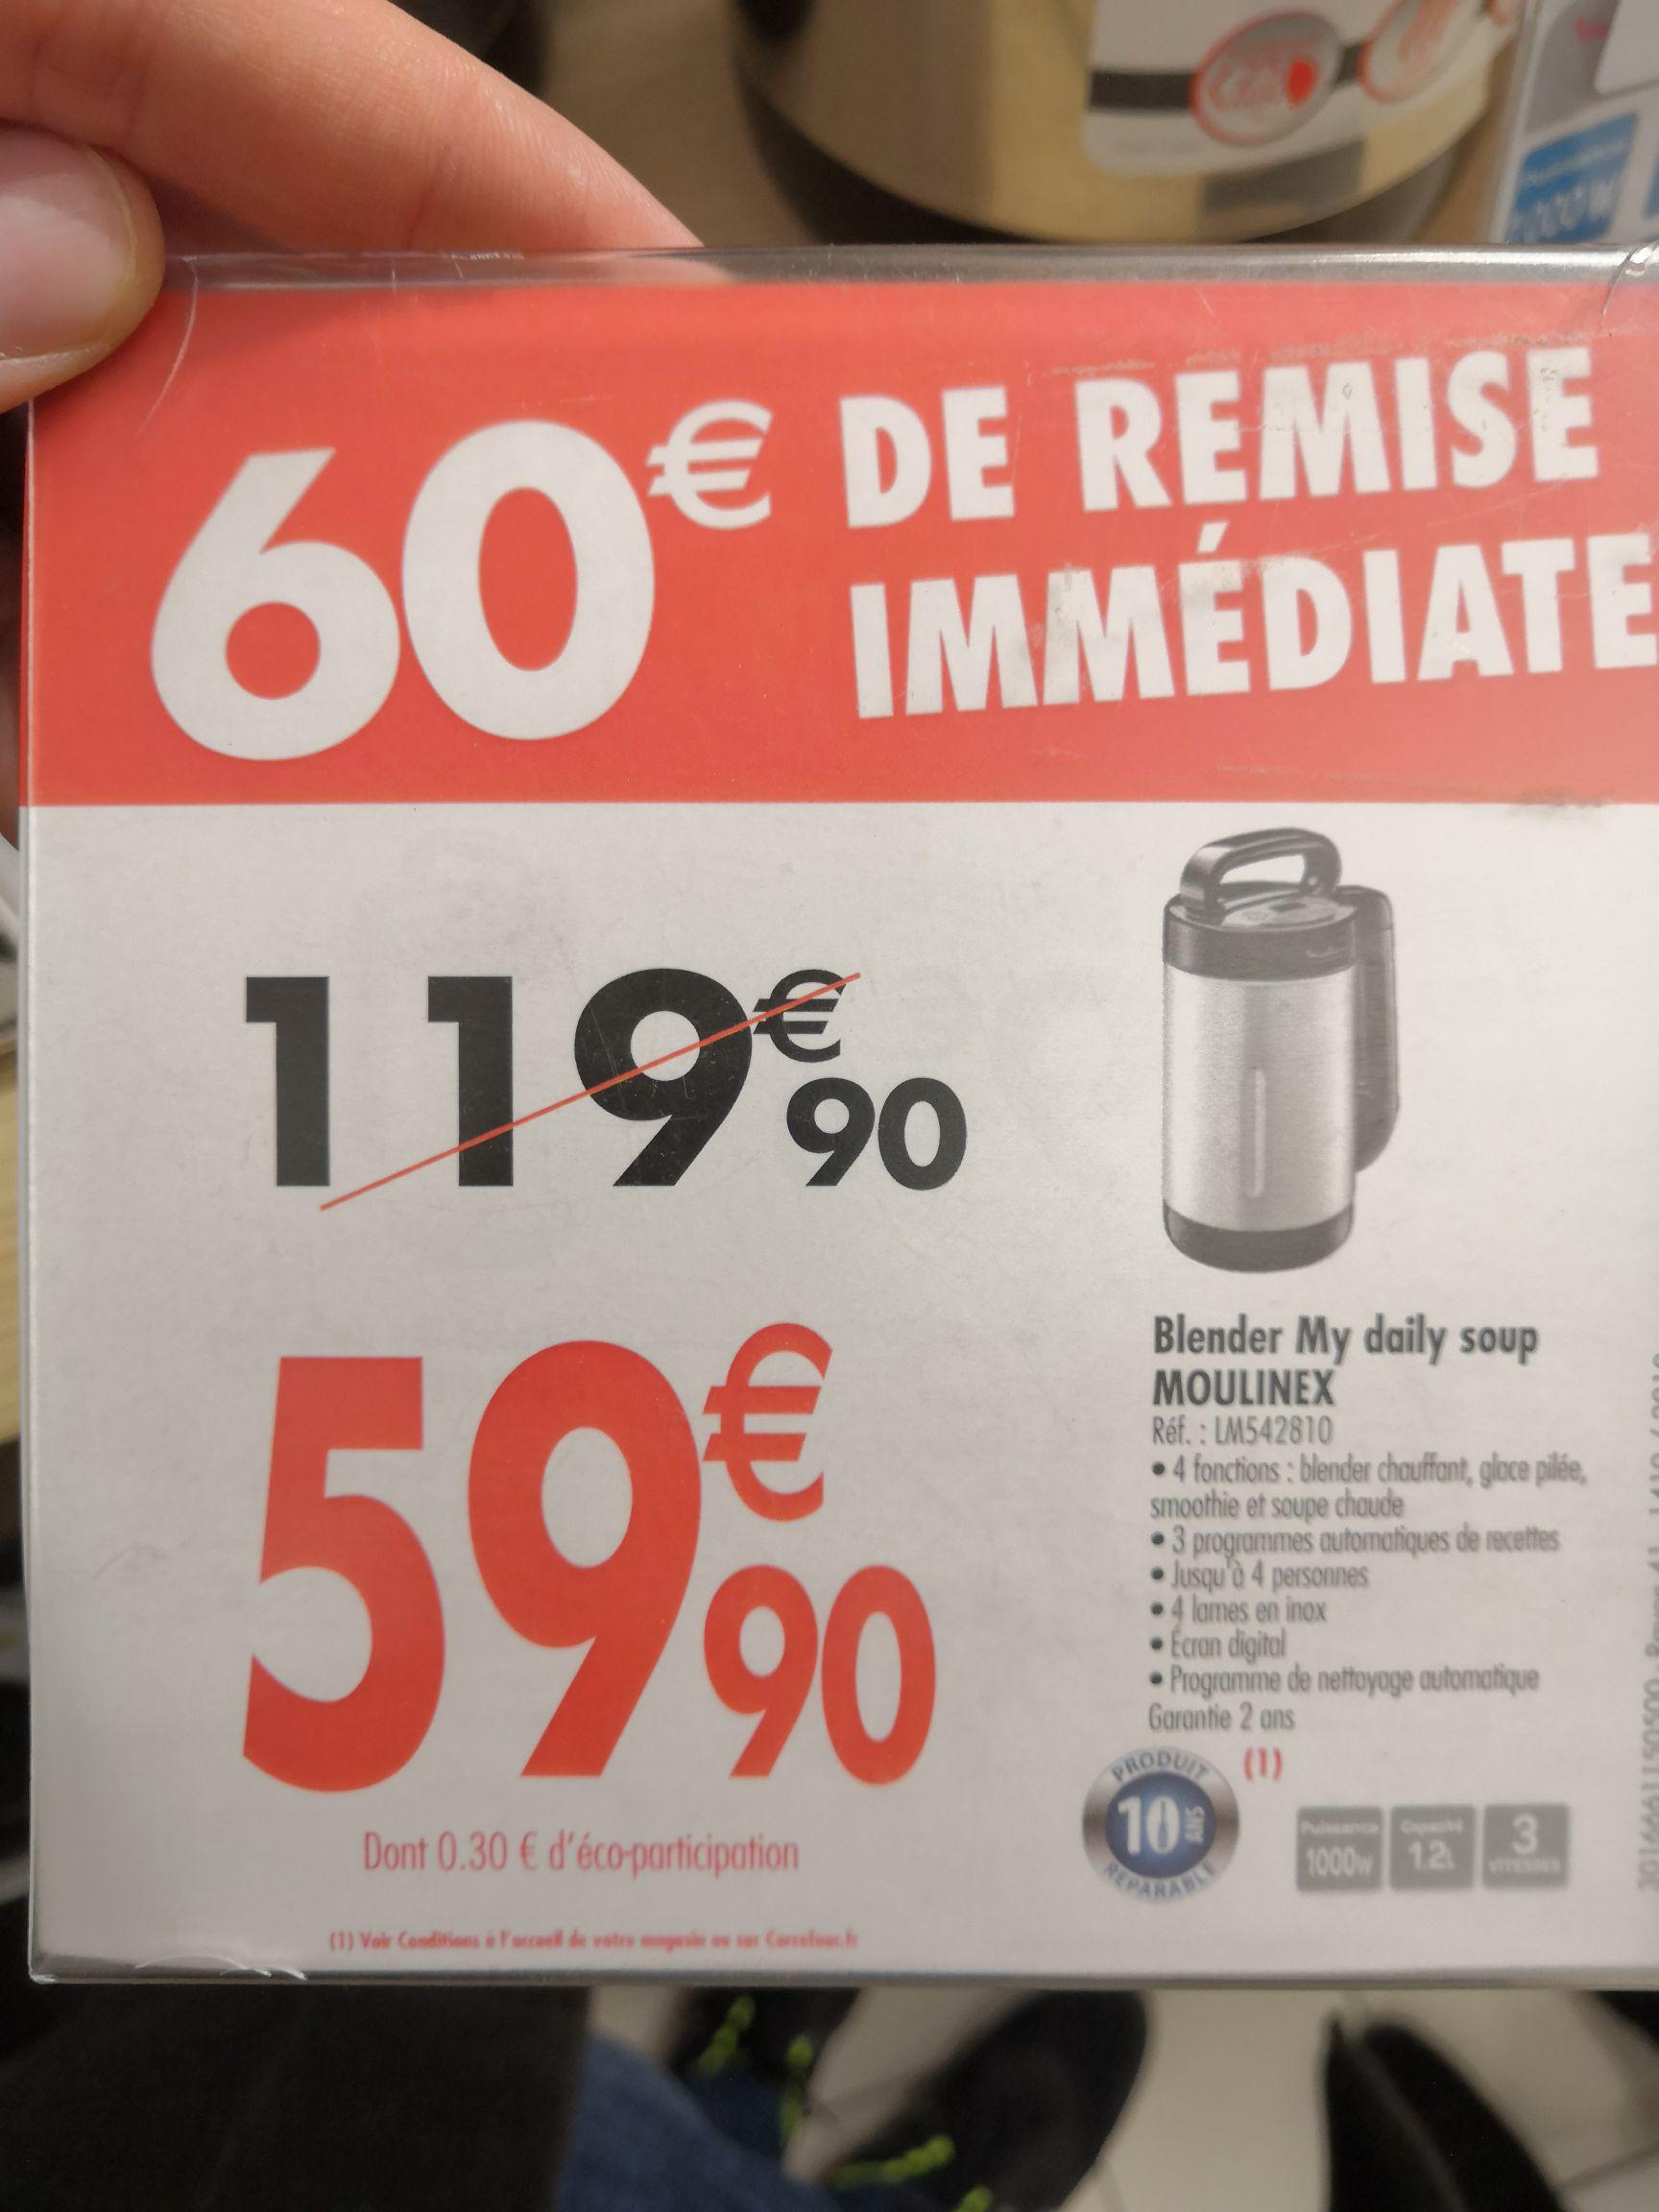 Blender Moulinex My Daily Soup - Carrefour M'ont Saint Aignan (76)